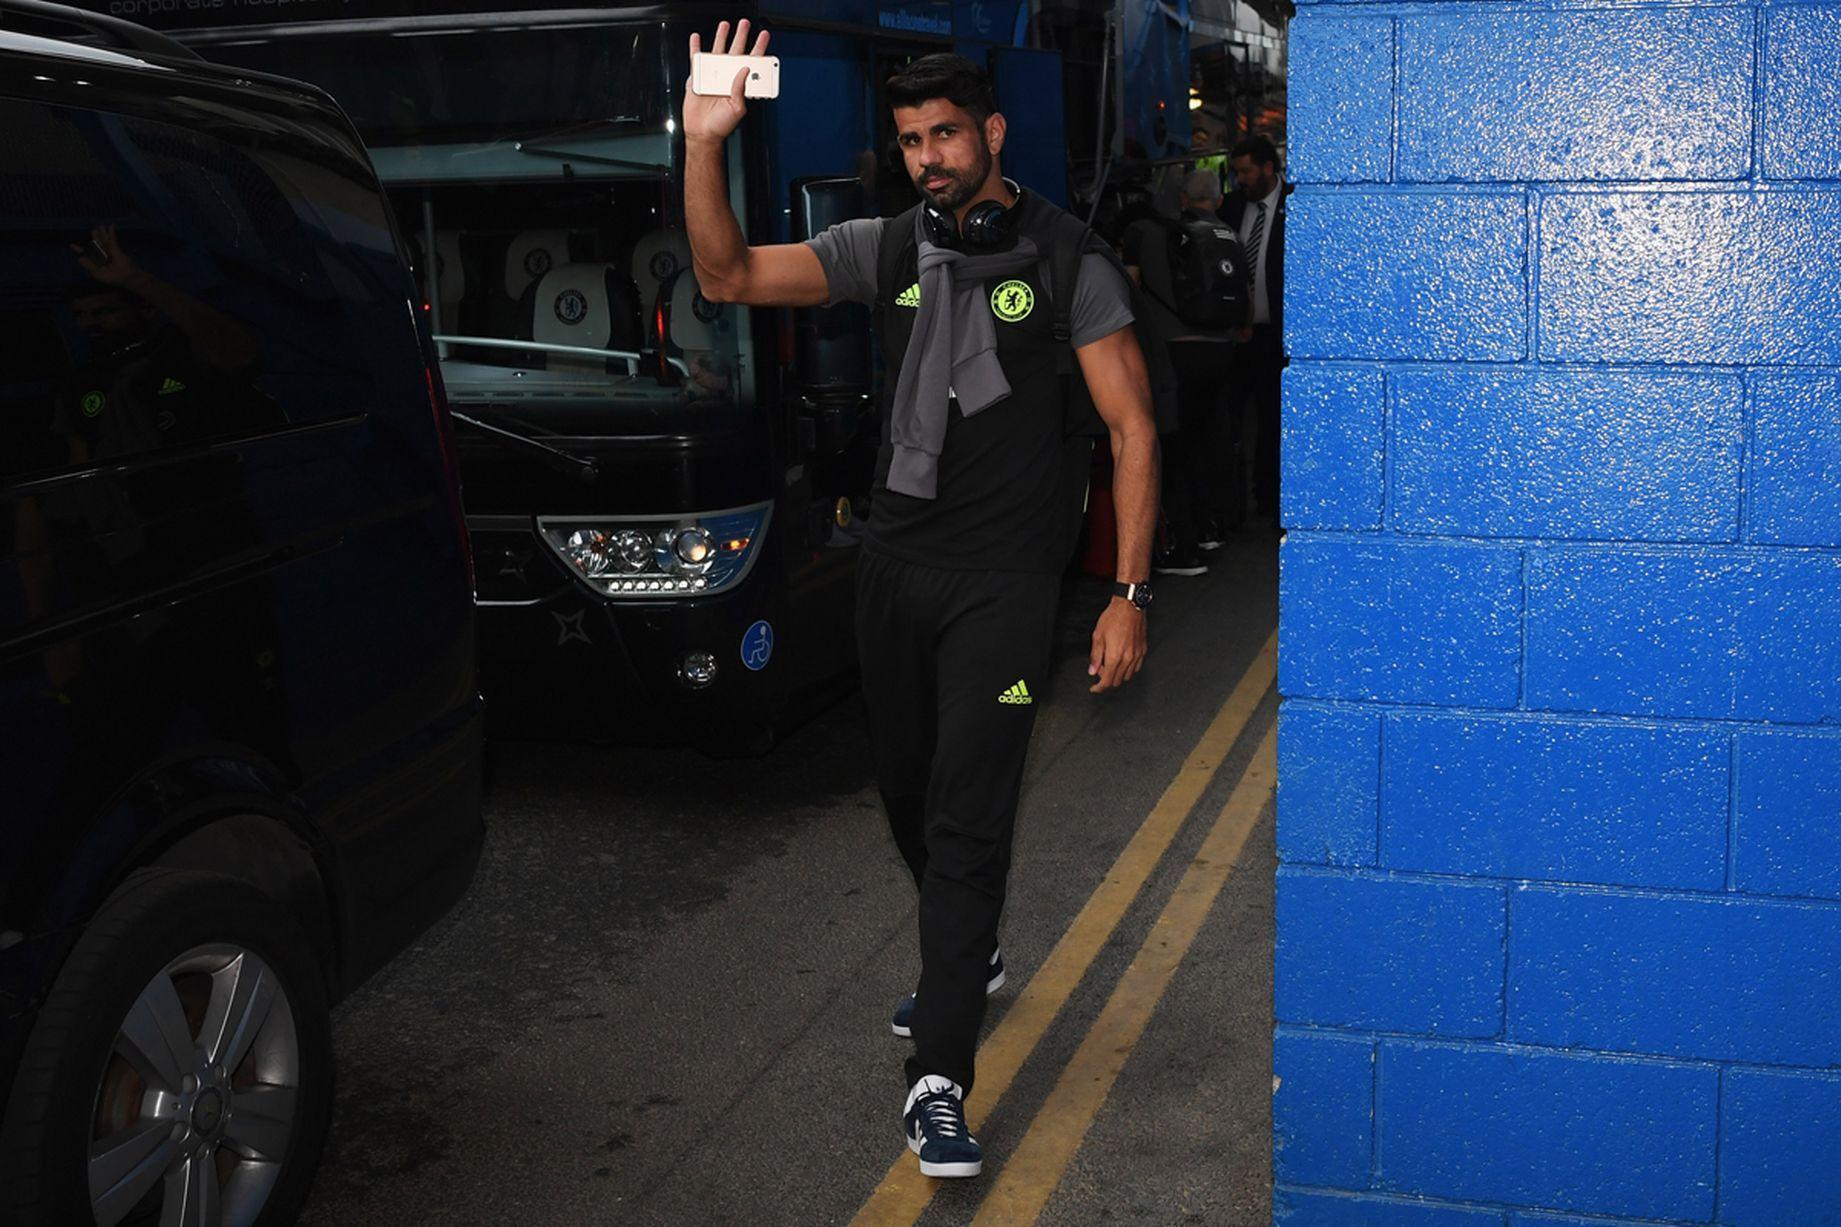 Diego Costa Chelsea príde pred zápasom Premier League medzi Chelsea a Liverpool na Stamford Bridge 16. septembra 2016 v Londýne, Anglicko.